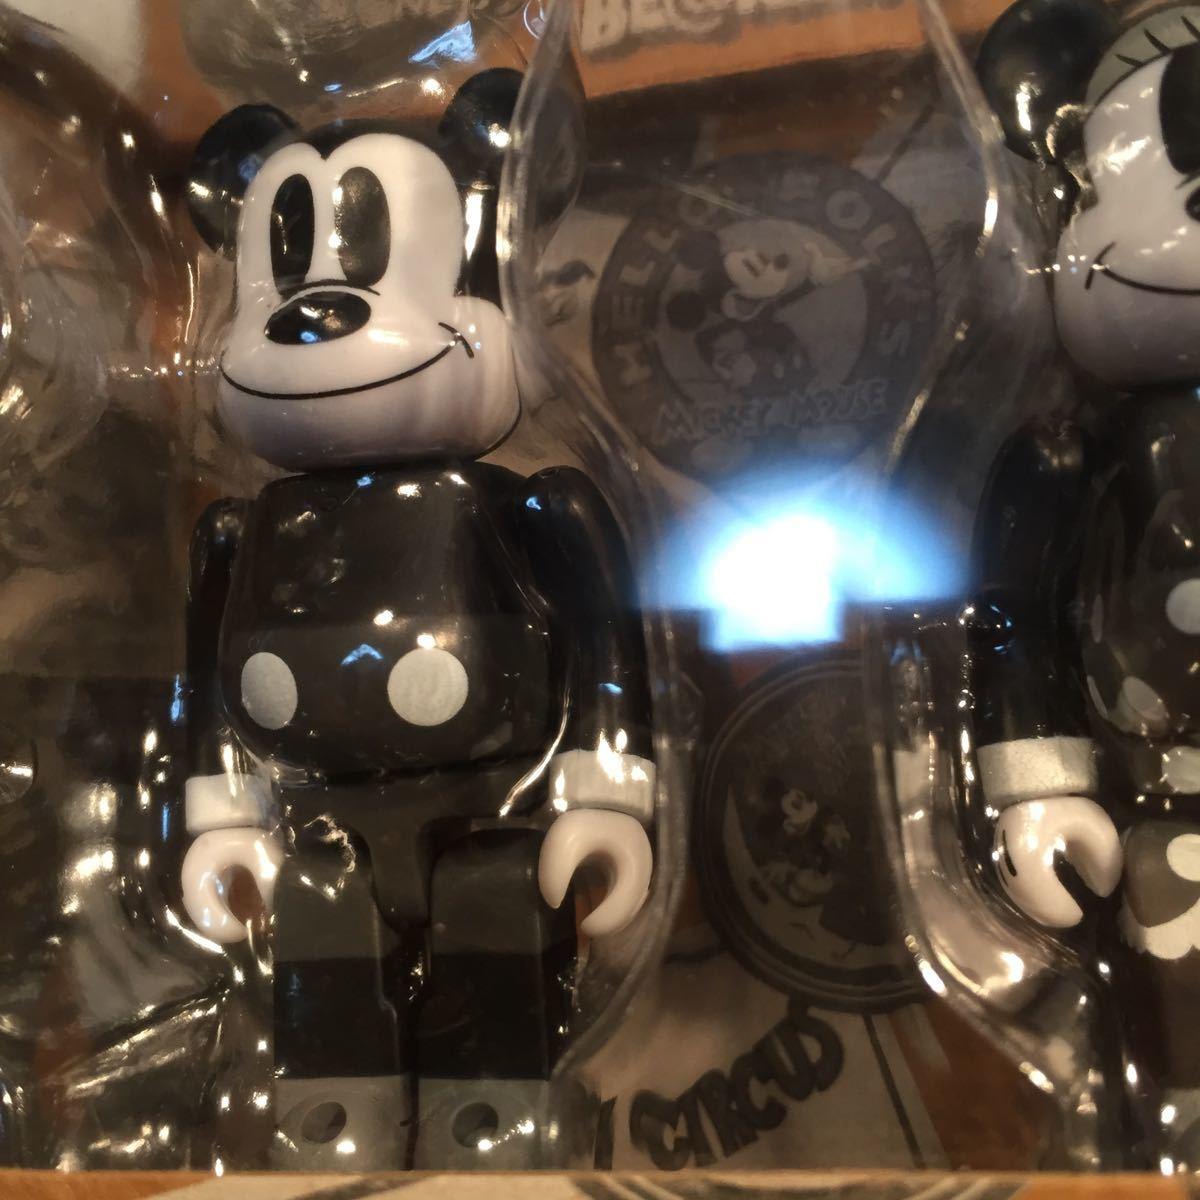 【未開封】ミッキーマウス&ミニーマウス BE@RBRICK(ベアブリック)MICKEY MOUSE & MINNIE MOUSE (BLACK & WHITE ver.)2 PACK【disney】_画像7